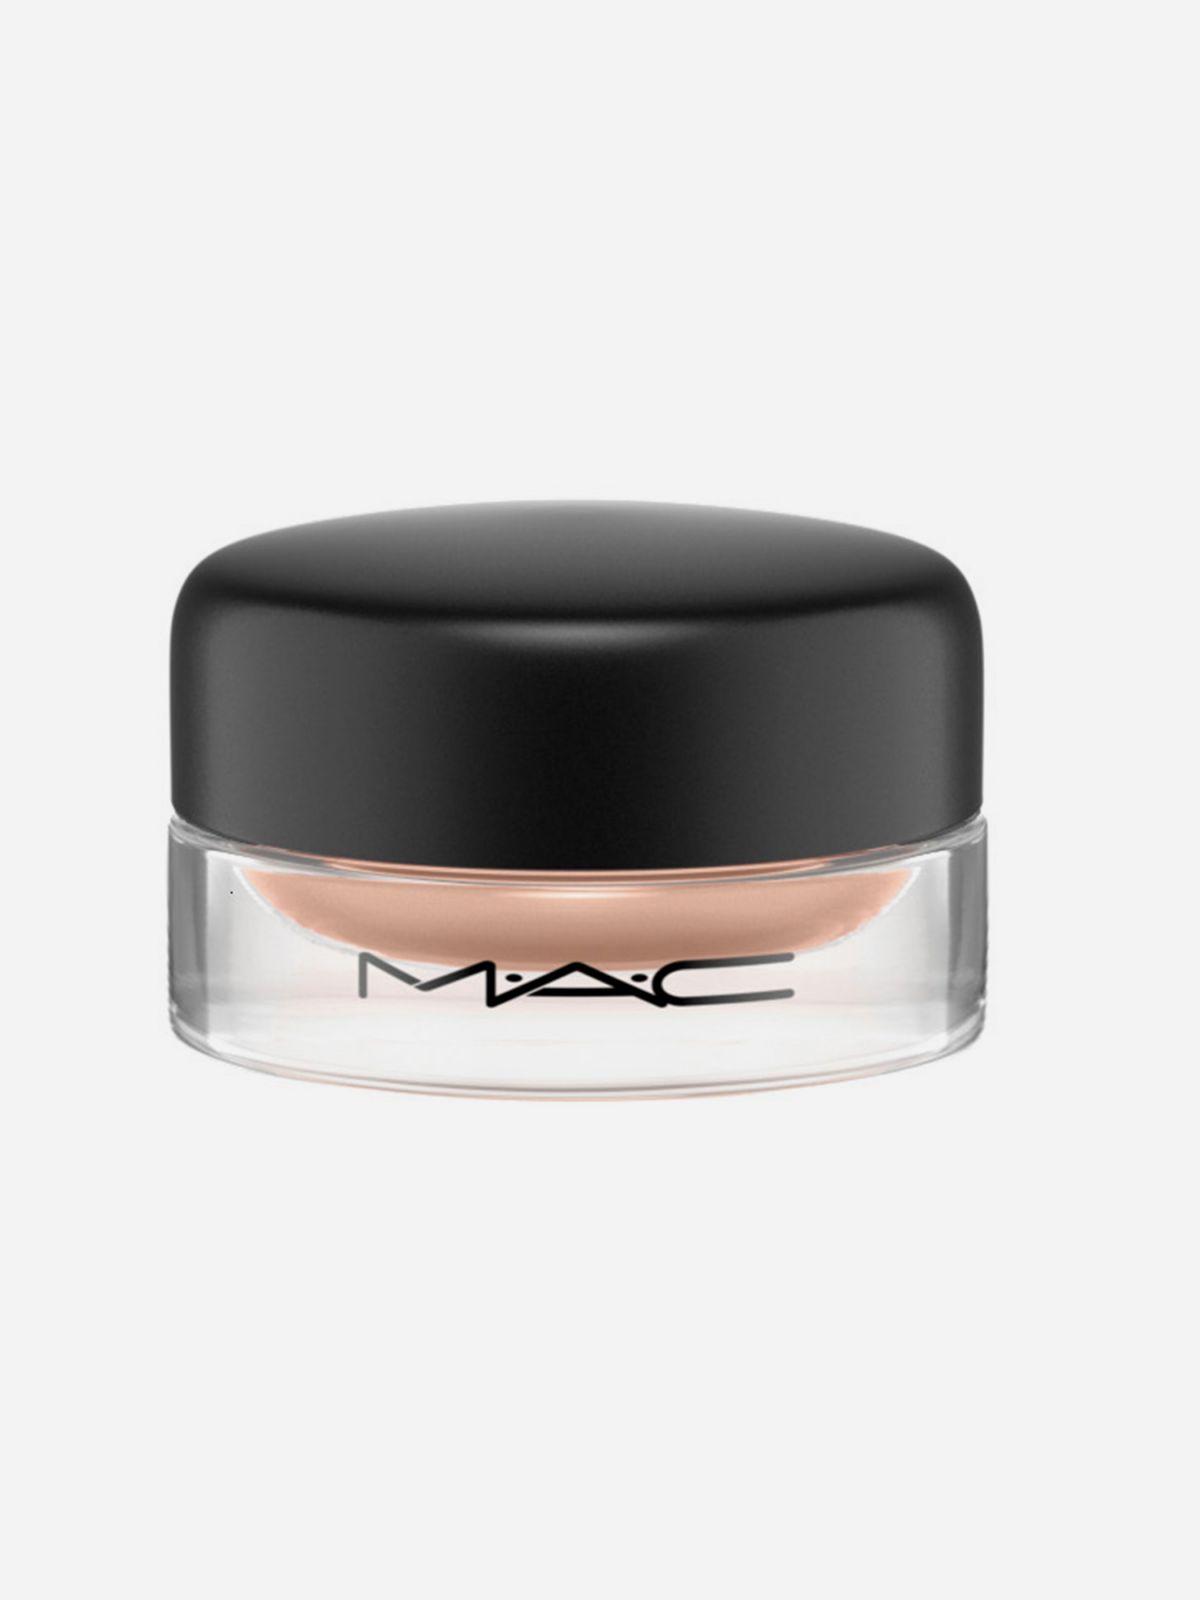 צללית Pro Longwear Paintצללית Pro Longwear Paint של MAC